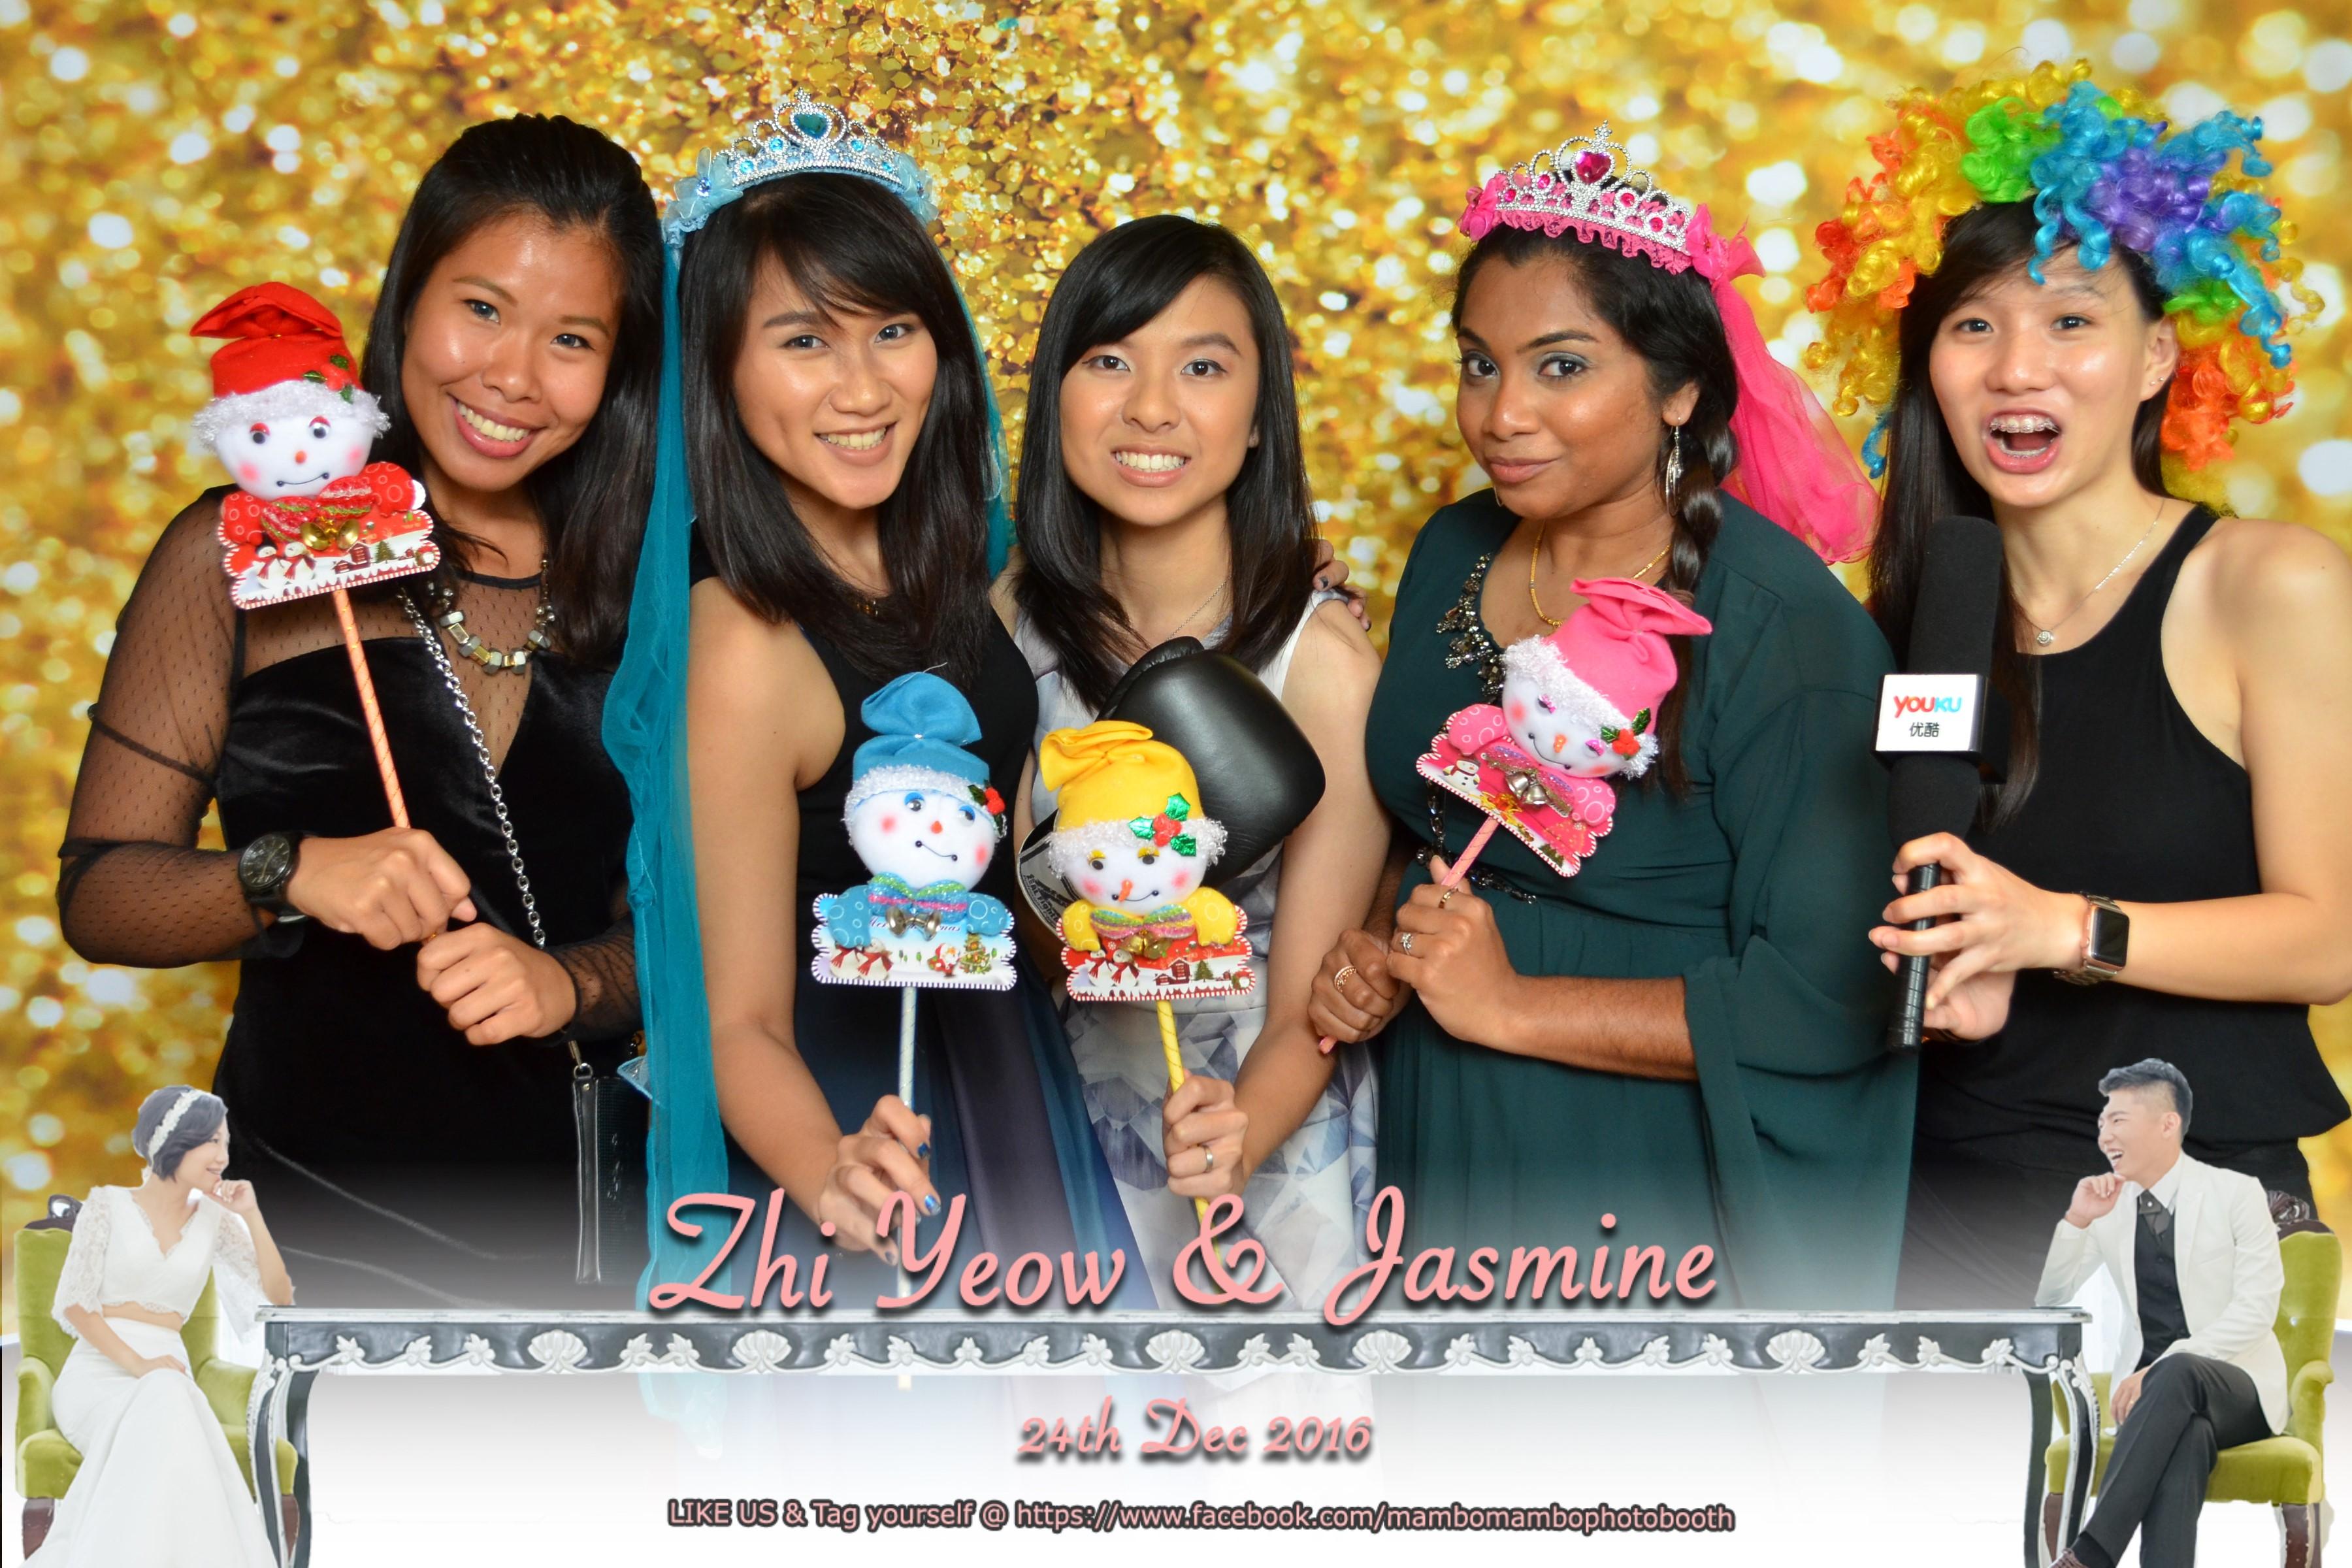 Zhi Yeow & Jasmine